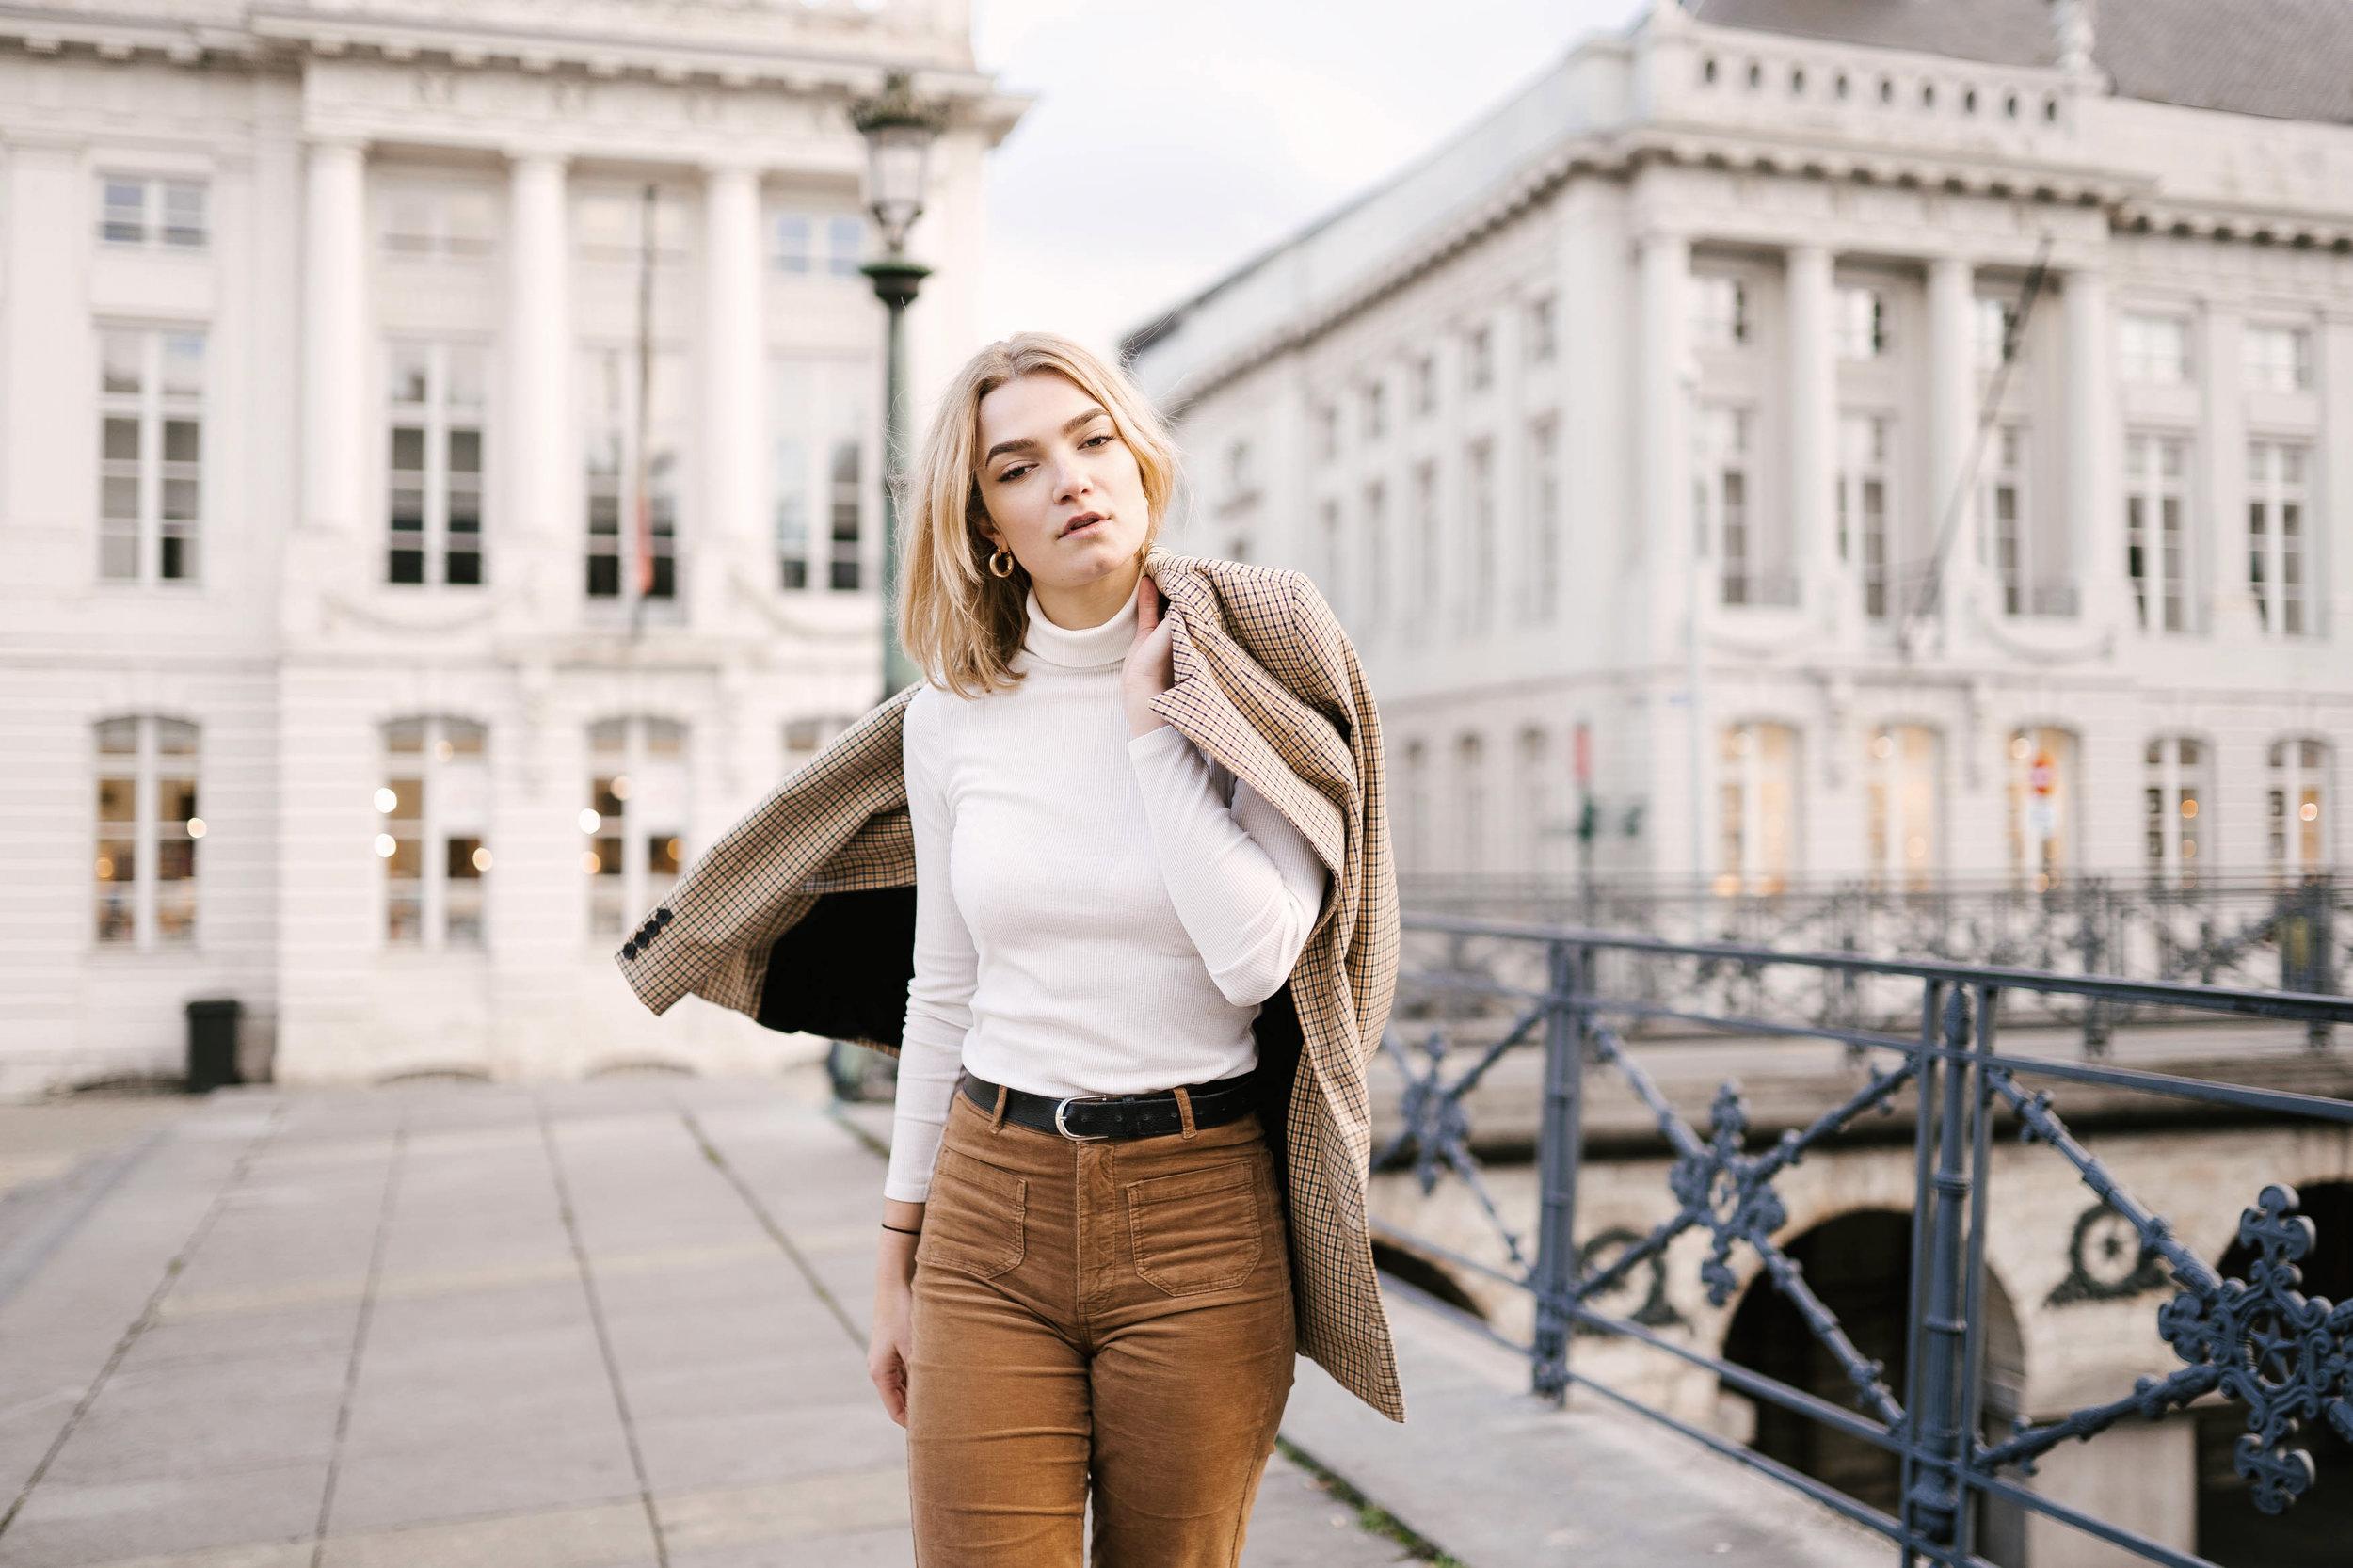 Photo de mode portrait femme photographe et vidéaste à Bruxelles